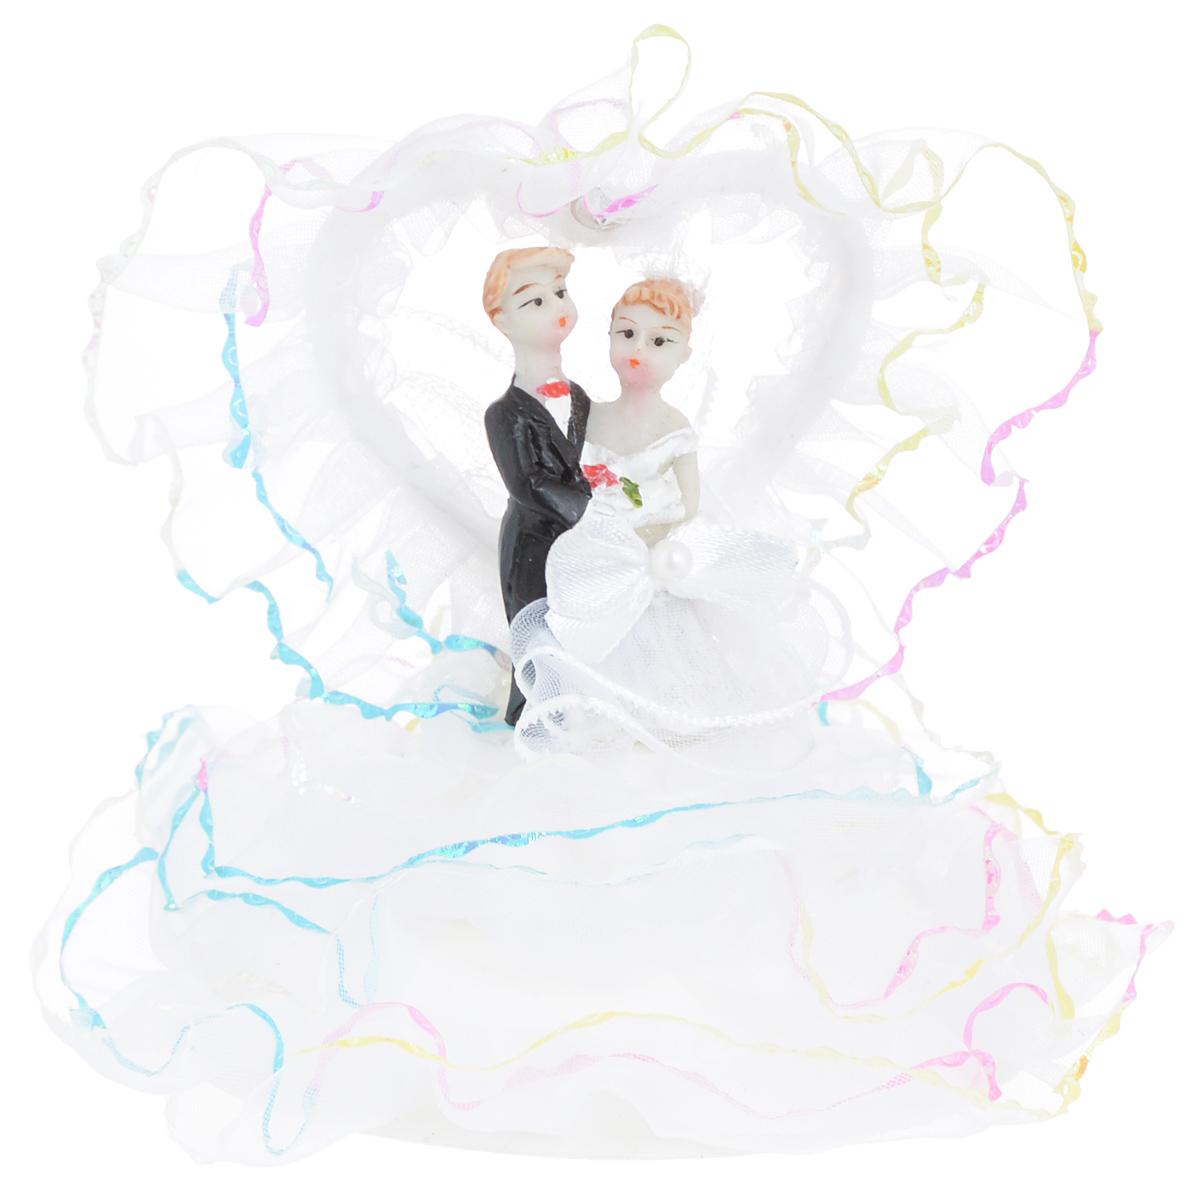 Свадебная фигурка на торт Win Max Жених и невеста, высота 11 см27904Фигурка Win Max Жених и невеста прекрасно подойдет для оформления свадебного торта. Украшение выполнено в виде молодоженов на подиуме. Такая фигурка подчеркнет индивидуальность вашей пары и станет приятным воспоминанием о торжестве.